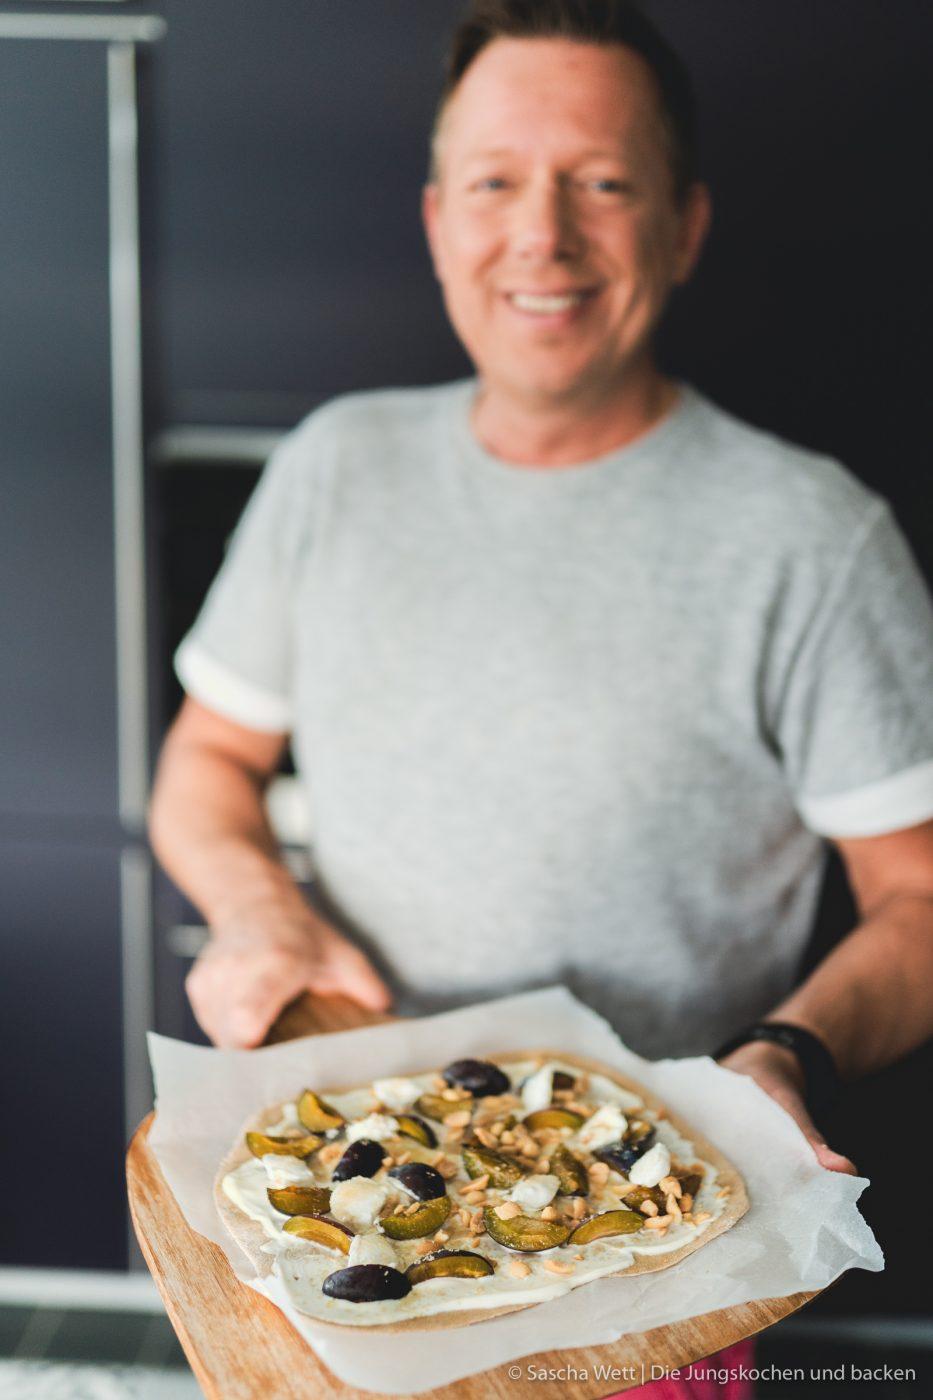 Erdnuss Vollkorn Flammkuchen ültje 6 | Am heutigen Freitag gibt es eine ganze Menge zu feiern!! Wir sind nun hochoffiziell Erdnuss Botschafter aus Überzeugung und passend dazu feiern wir heute den Tag der Erdnuss. Also lasst die Korken knallen! Wenn es um Partyfood geht, dann mögen wir es simpel und mega lecker. Flammkuchen sind einfach immer eine tolle Idee. Also haben wir die Erdnuss mit einem süßen Erdnuss-Vollkorn-Flammkuchen hochleben lassen.